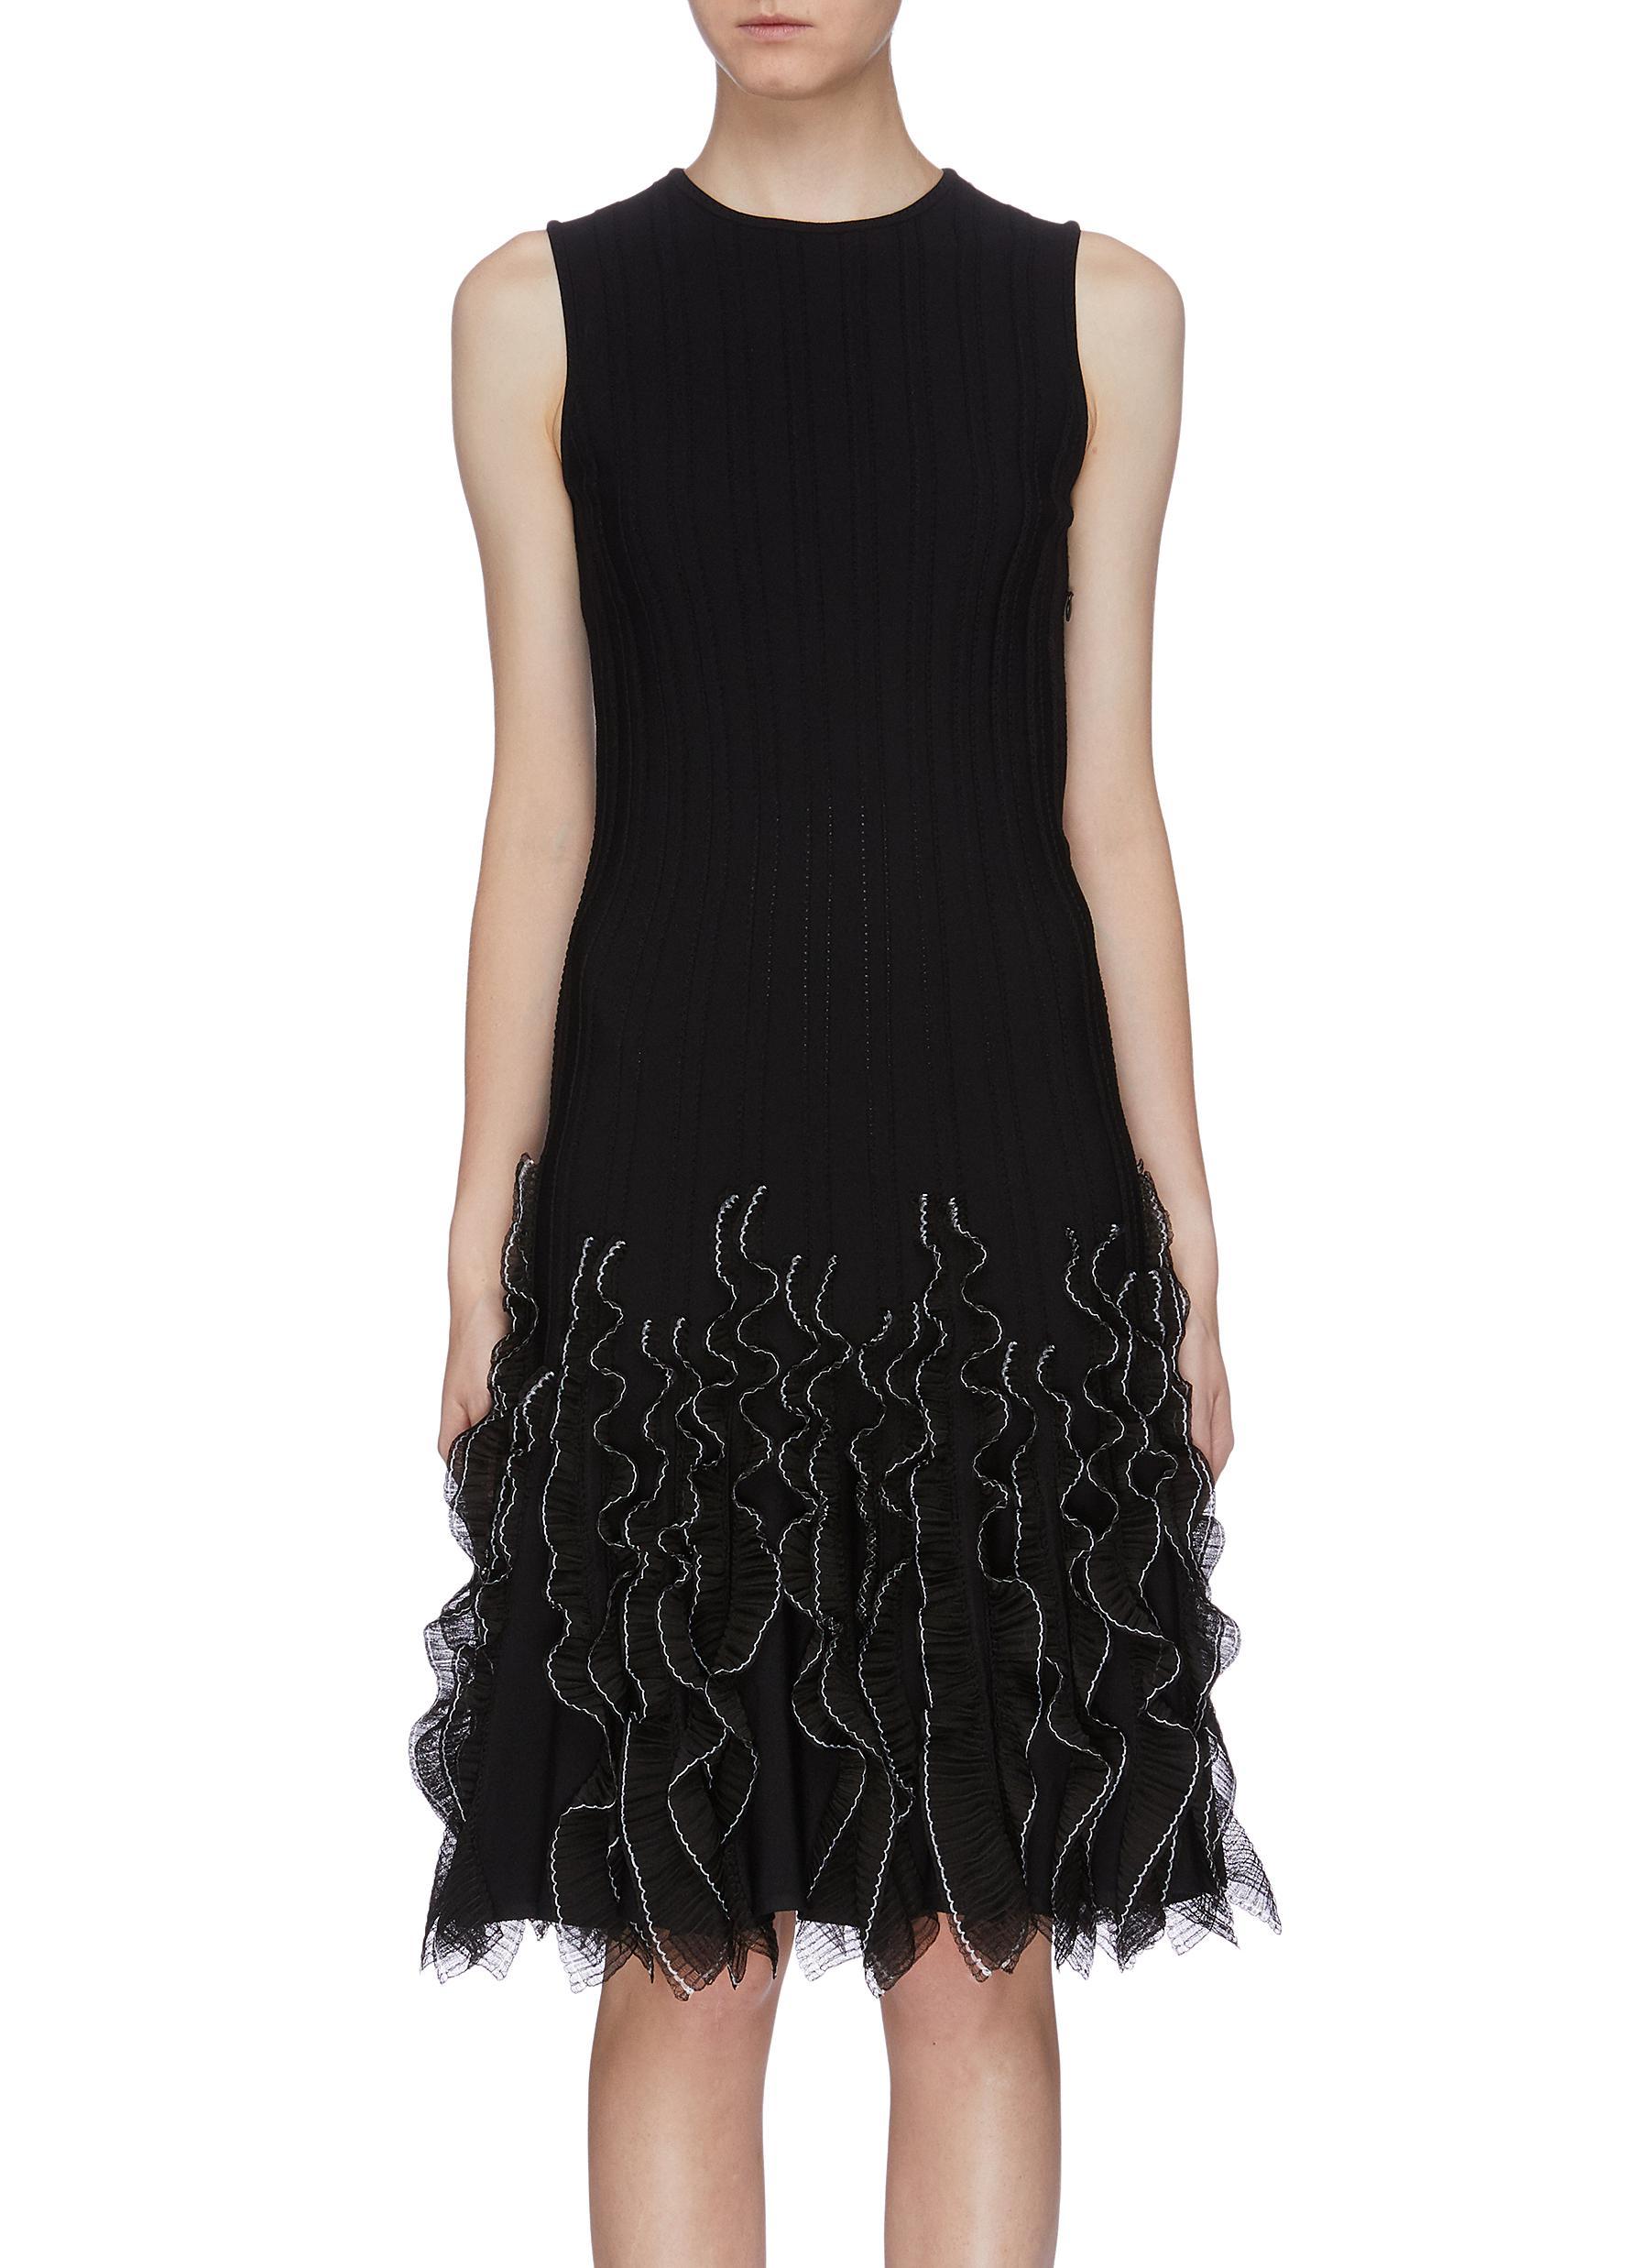 Ruffle mesh overlay hem dress by Alexander Mcqueen